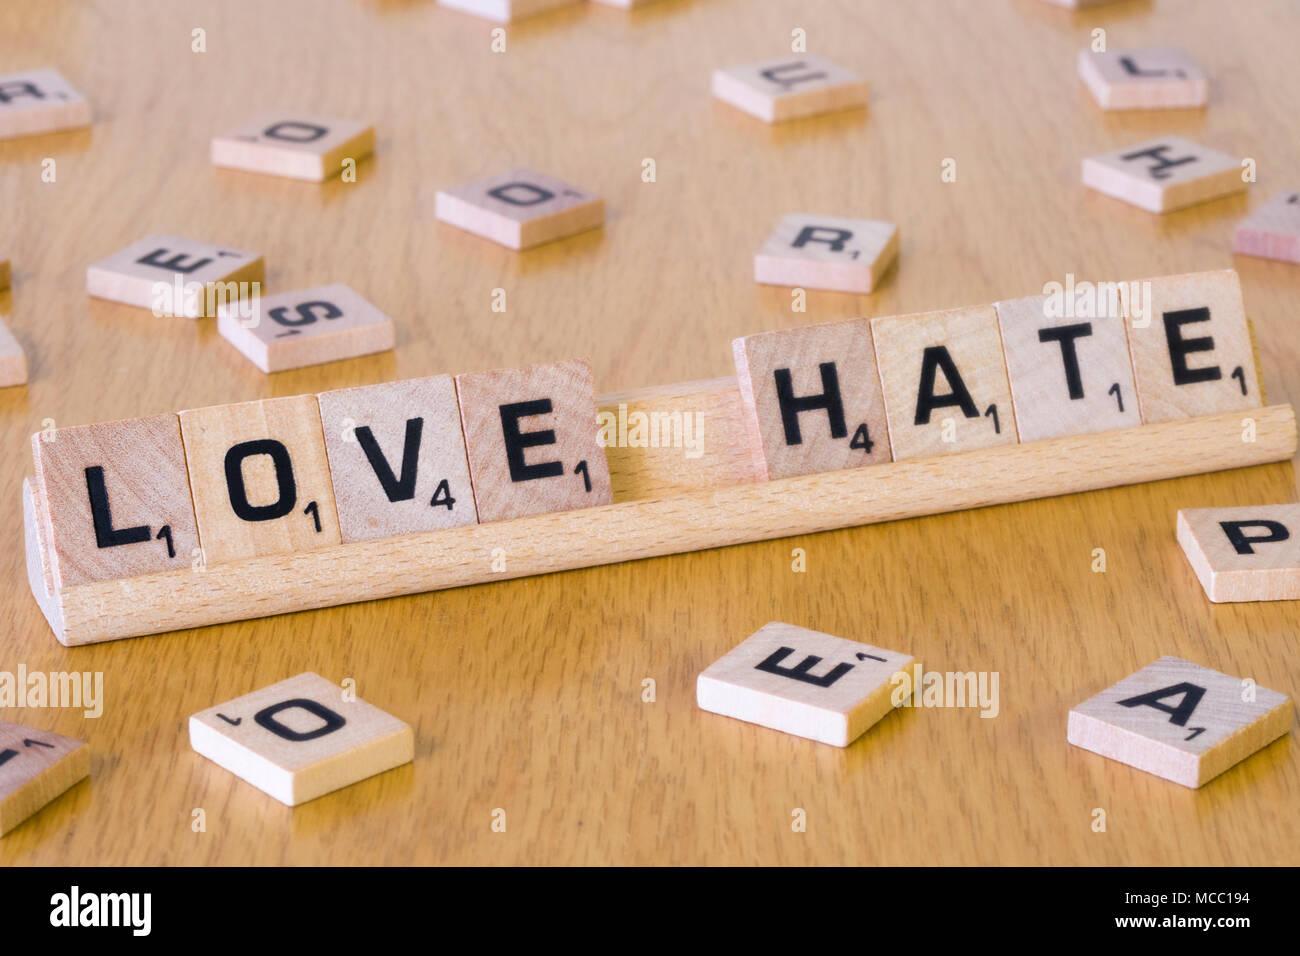 Scrabble lettres énonçant les mots Love & Hate Photo Stock